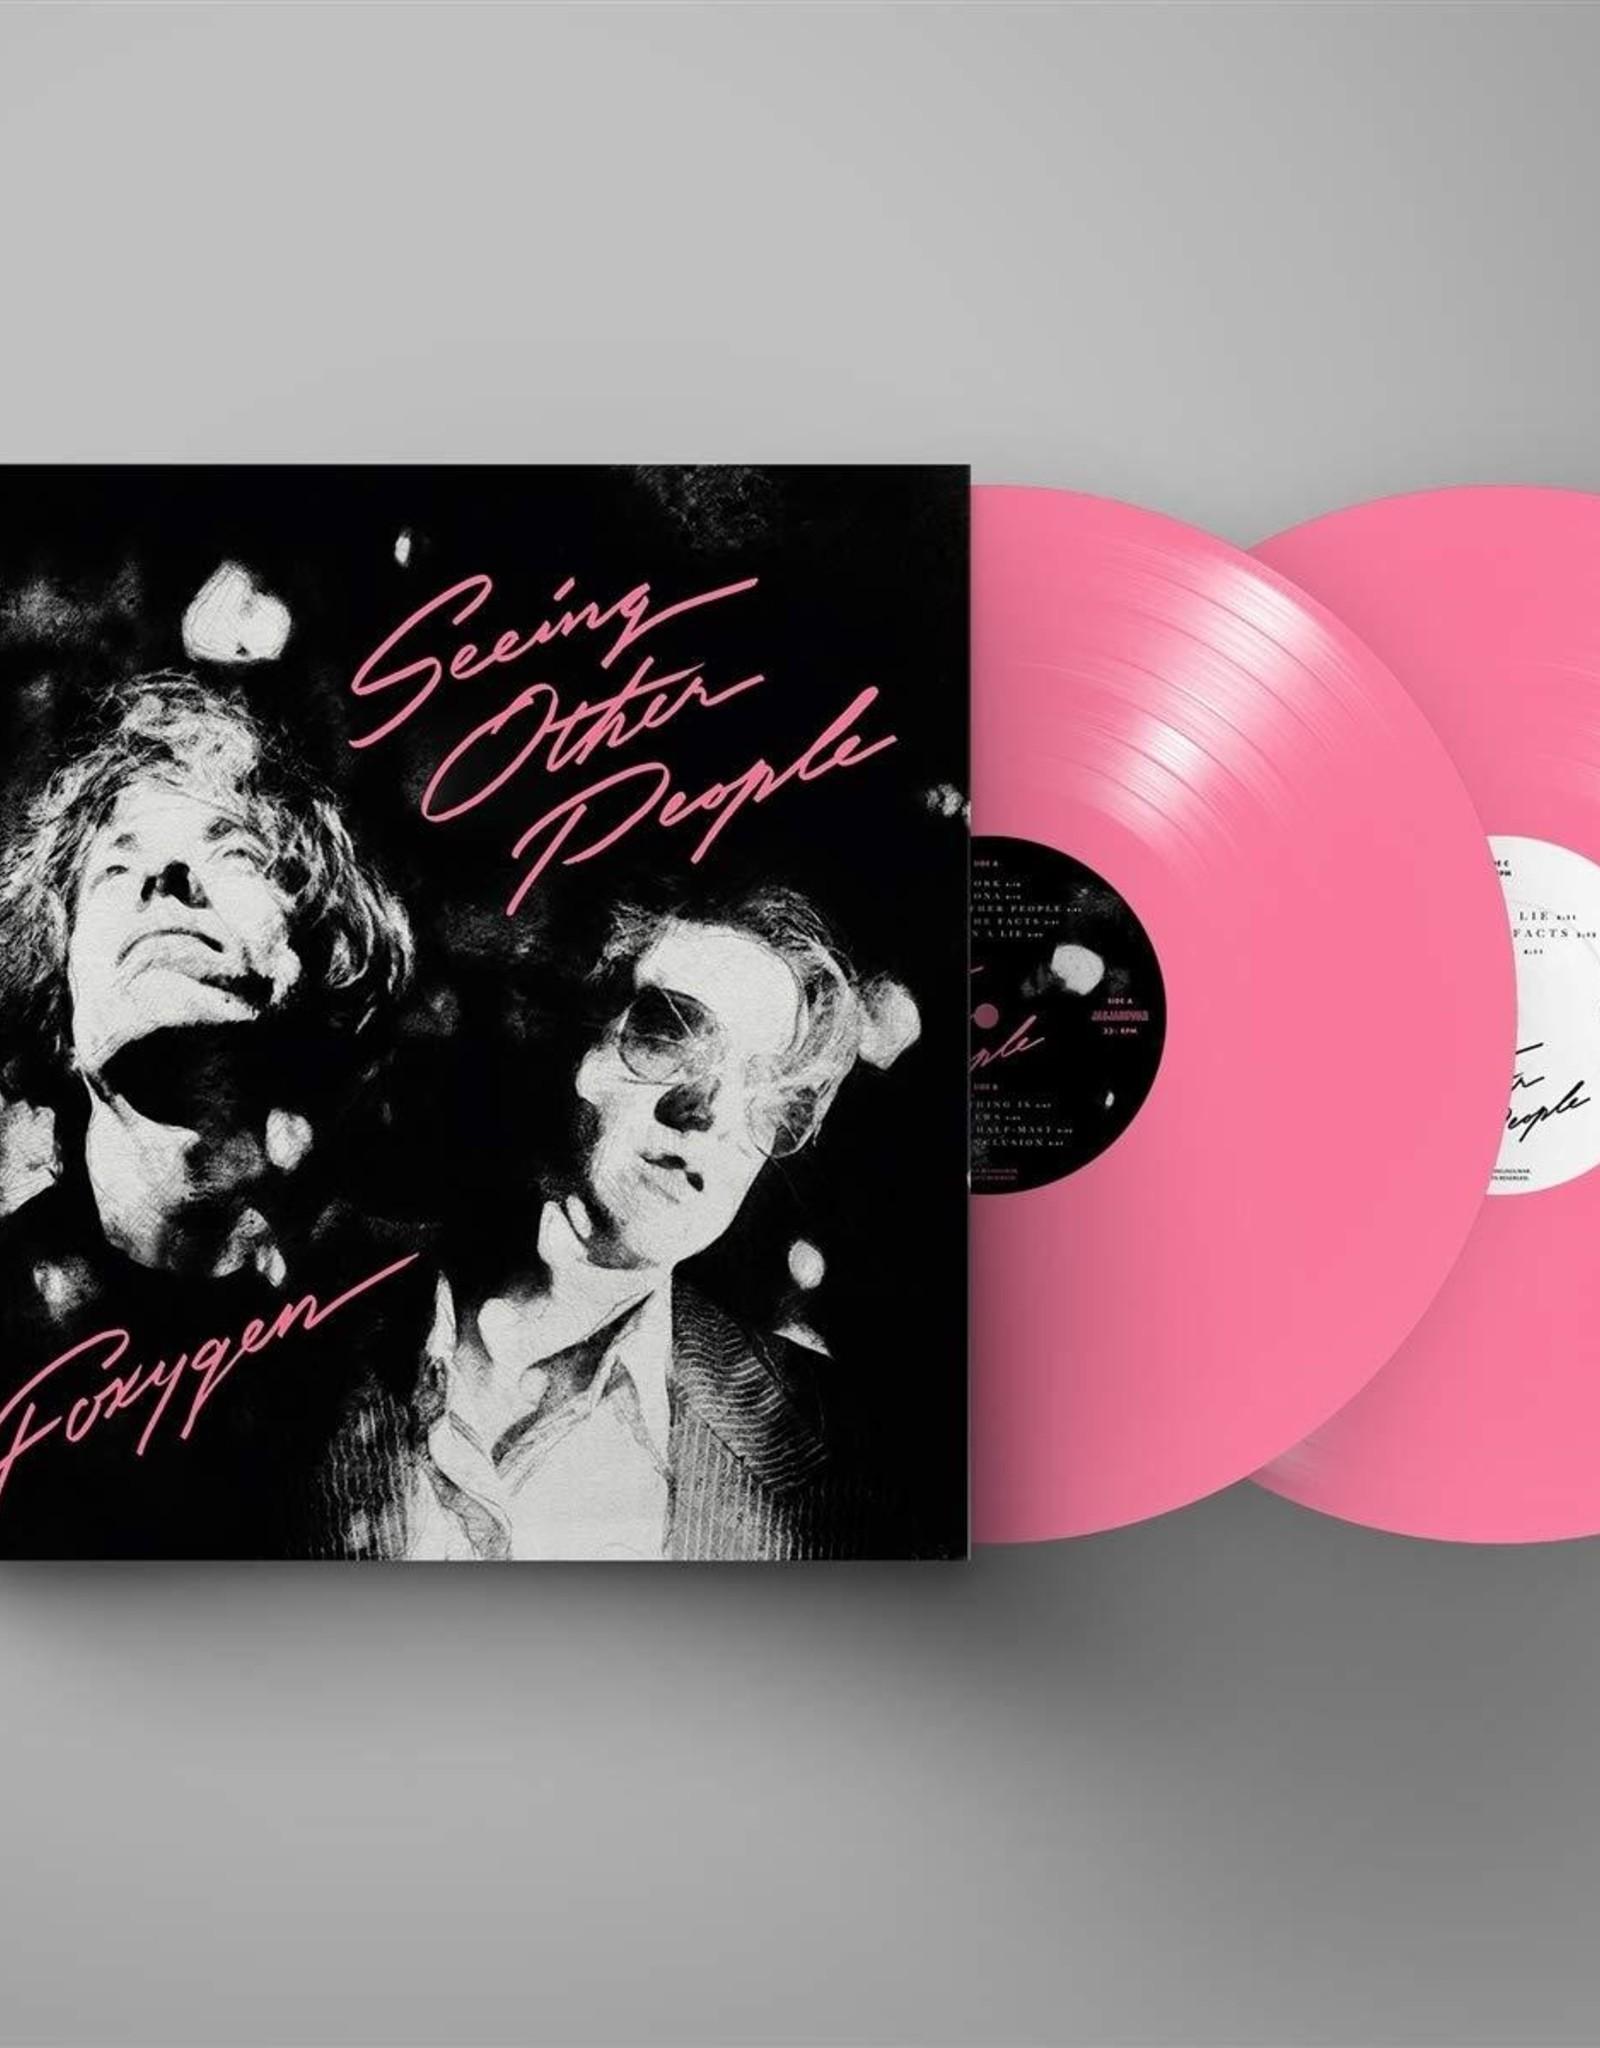 Foxygen - Seeing Other People' (Pink 2X Vinyl Lp)